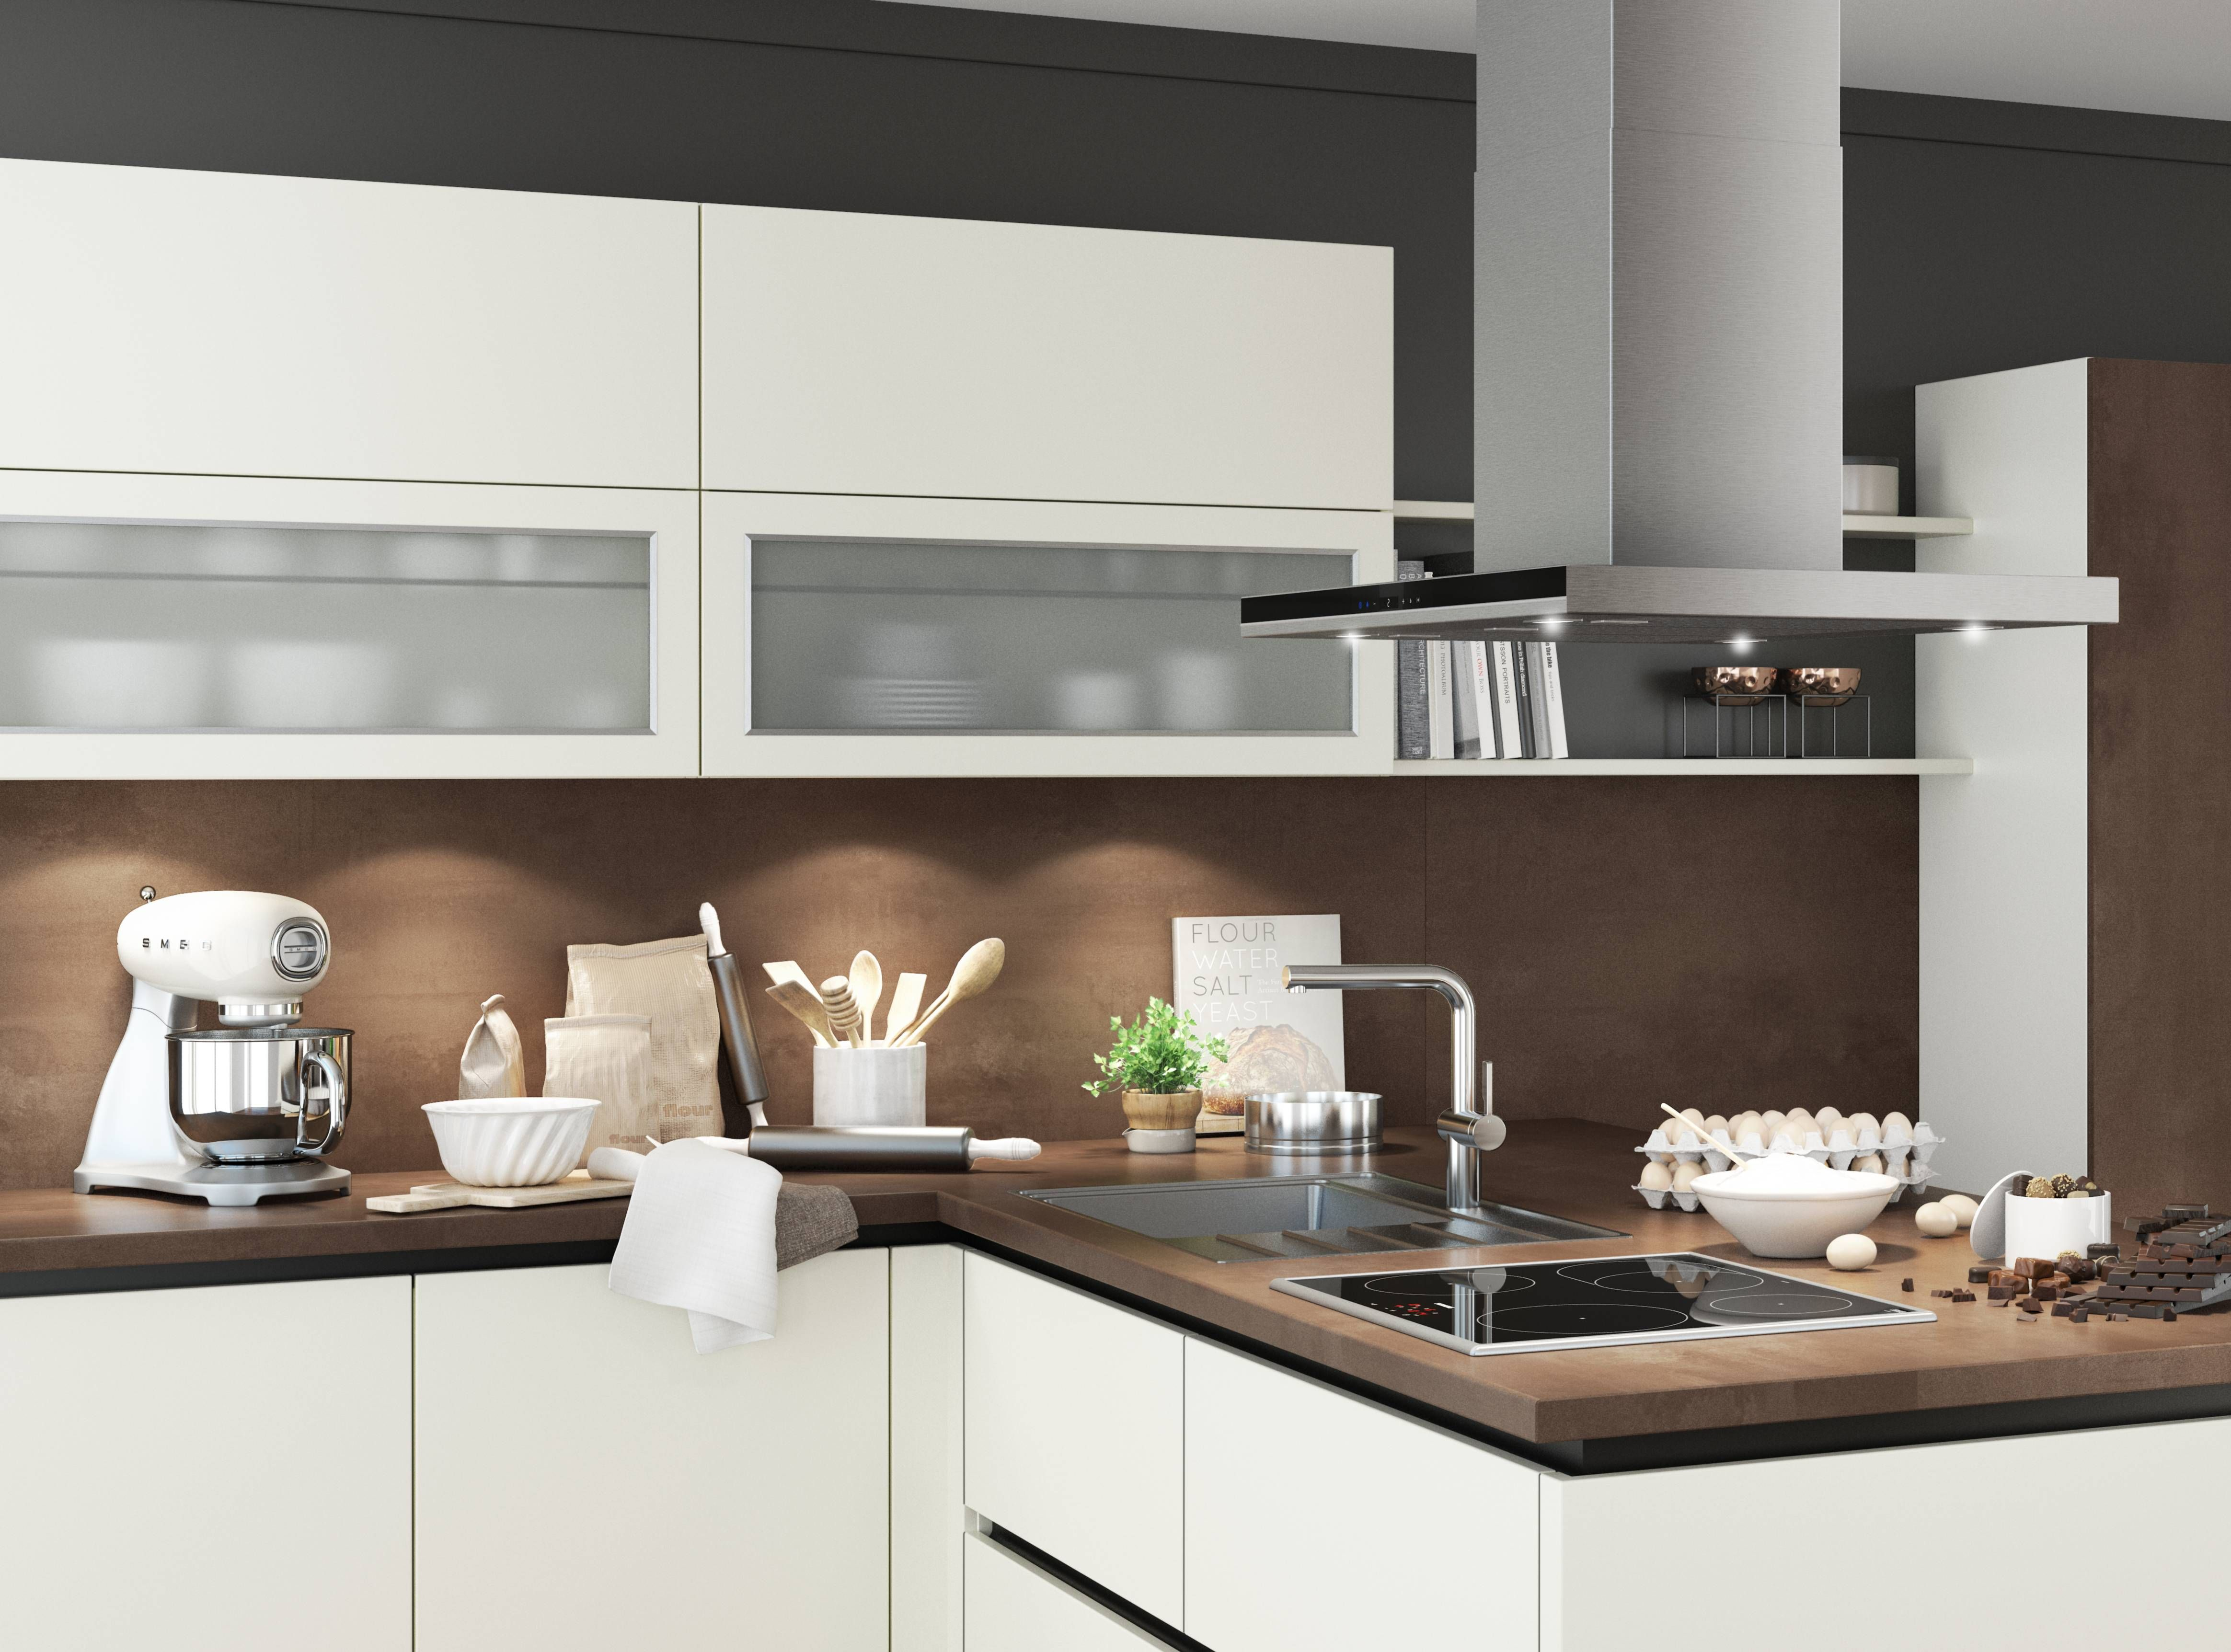 Hier sehen Sie die Bauformat Küche, Küchentyp Baku in der Farbe